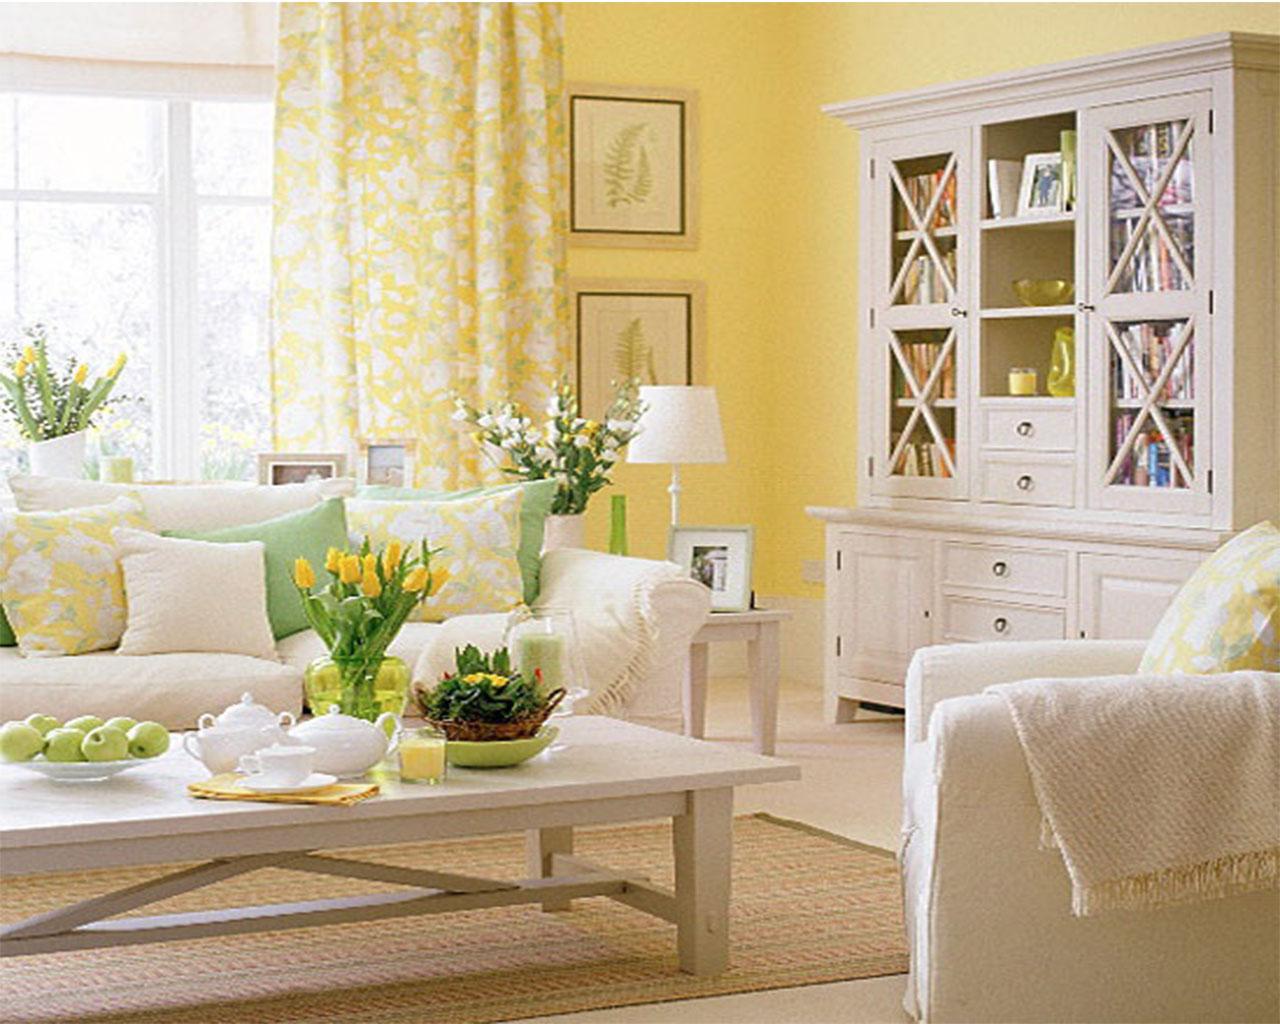 Сочетание белого с другими цветами в интерьере фото